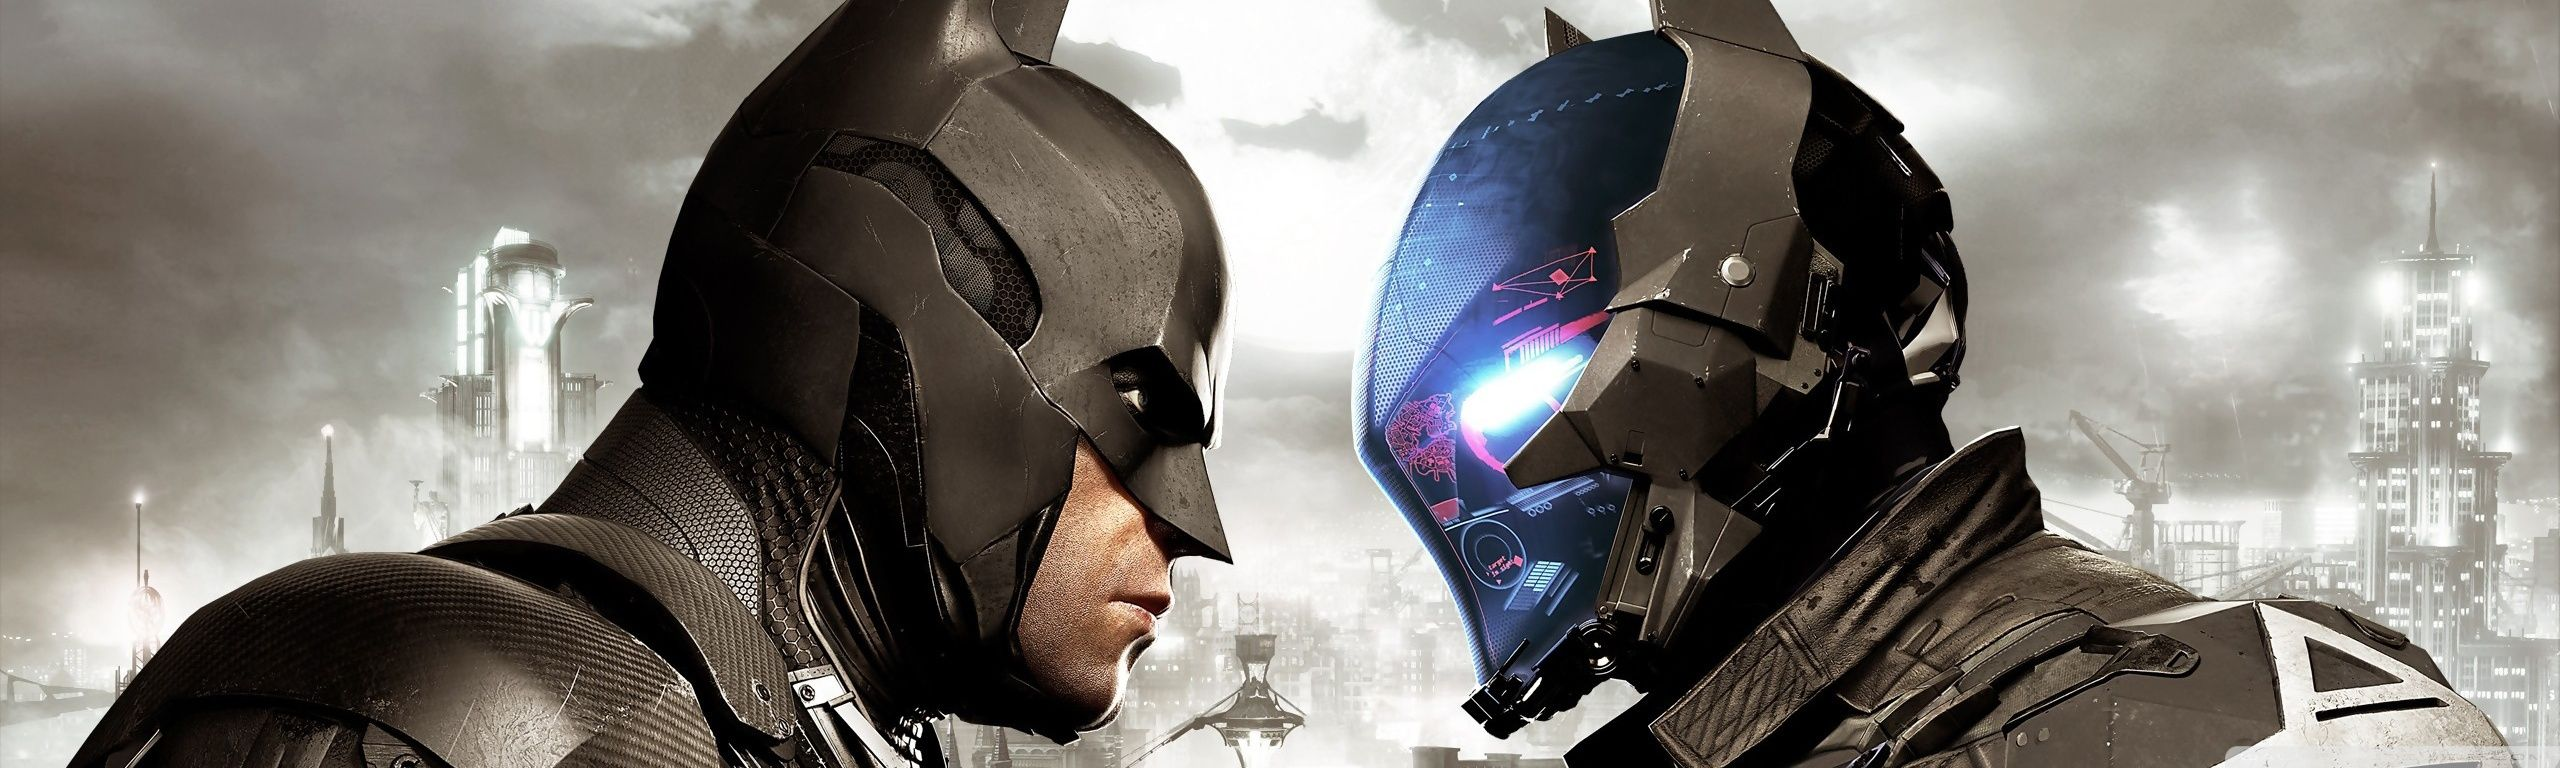 Batman Arkham Knight HD Desktop Wallpaper Widescreen